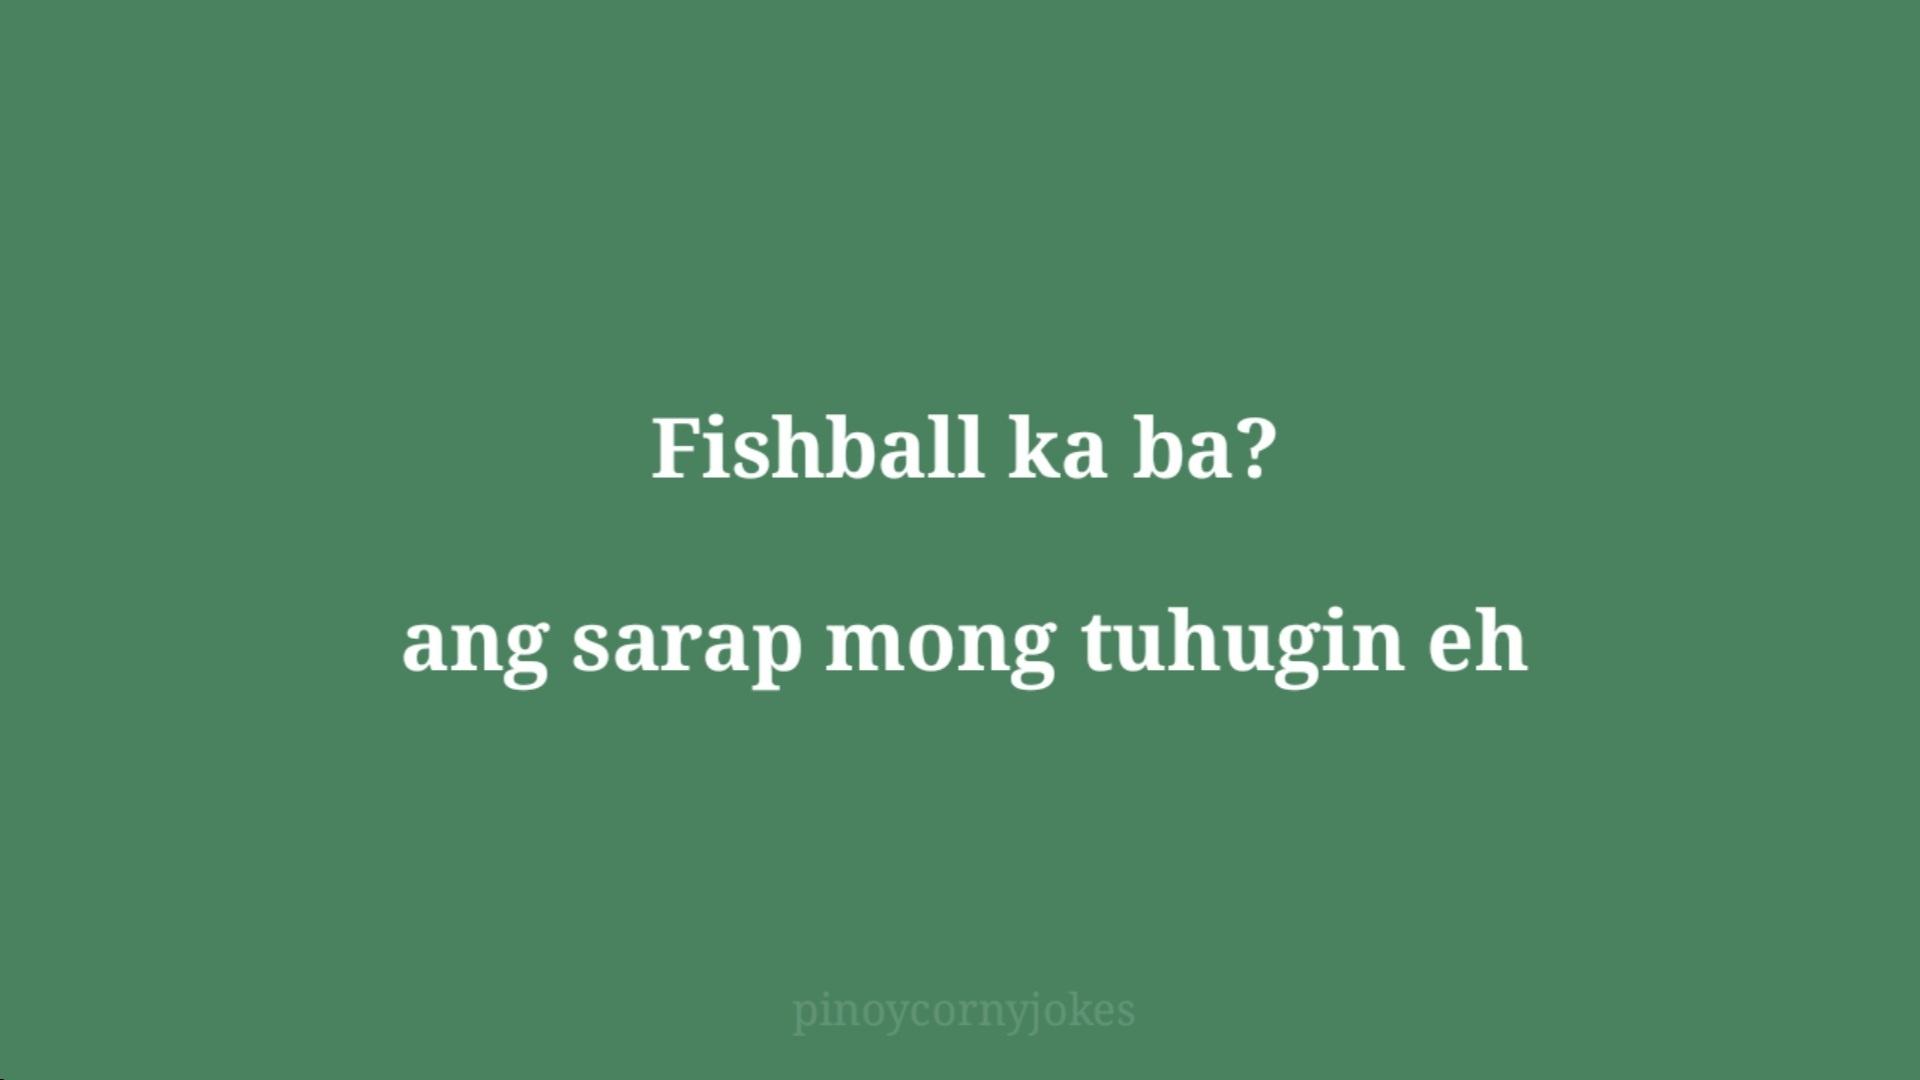 fishball pilyo jokes